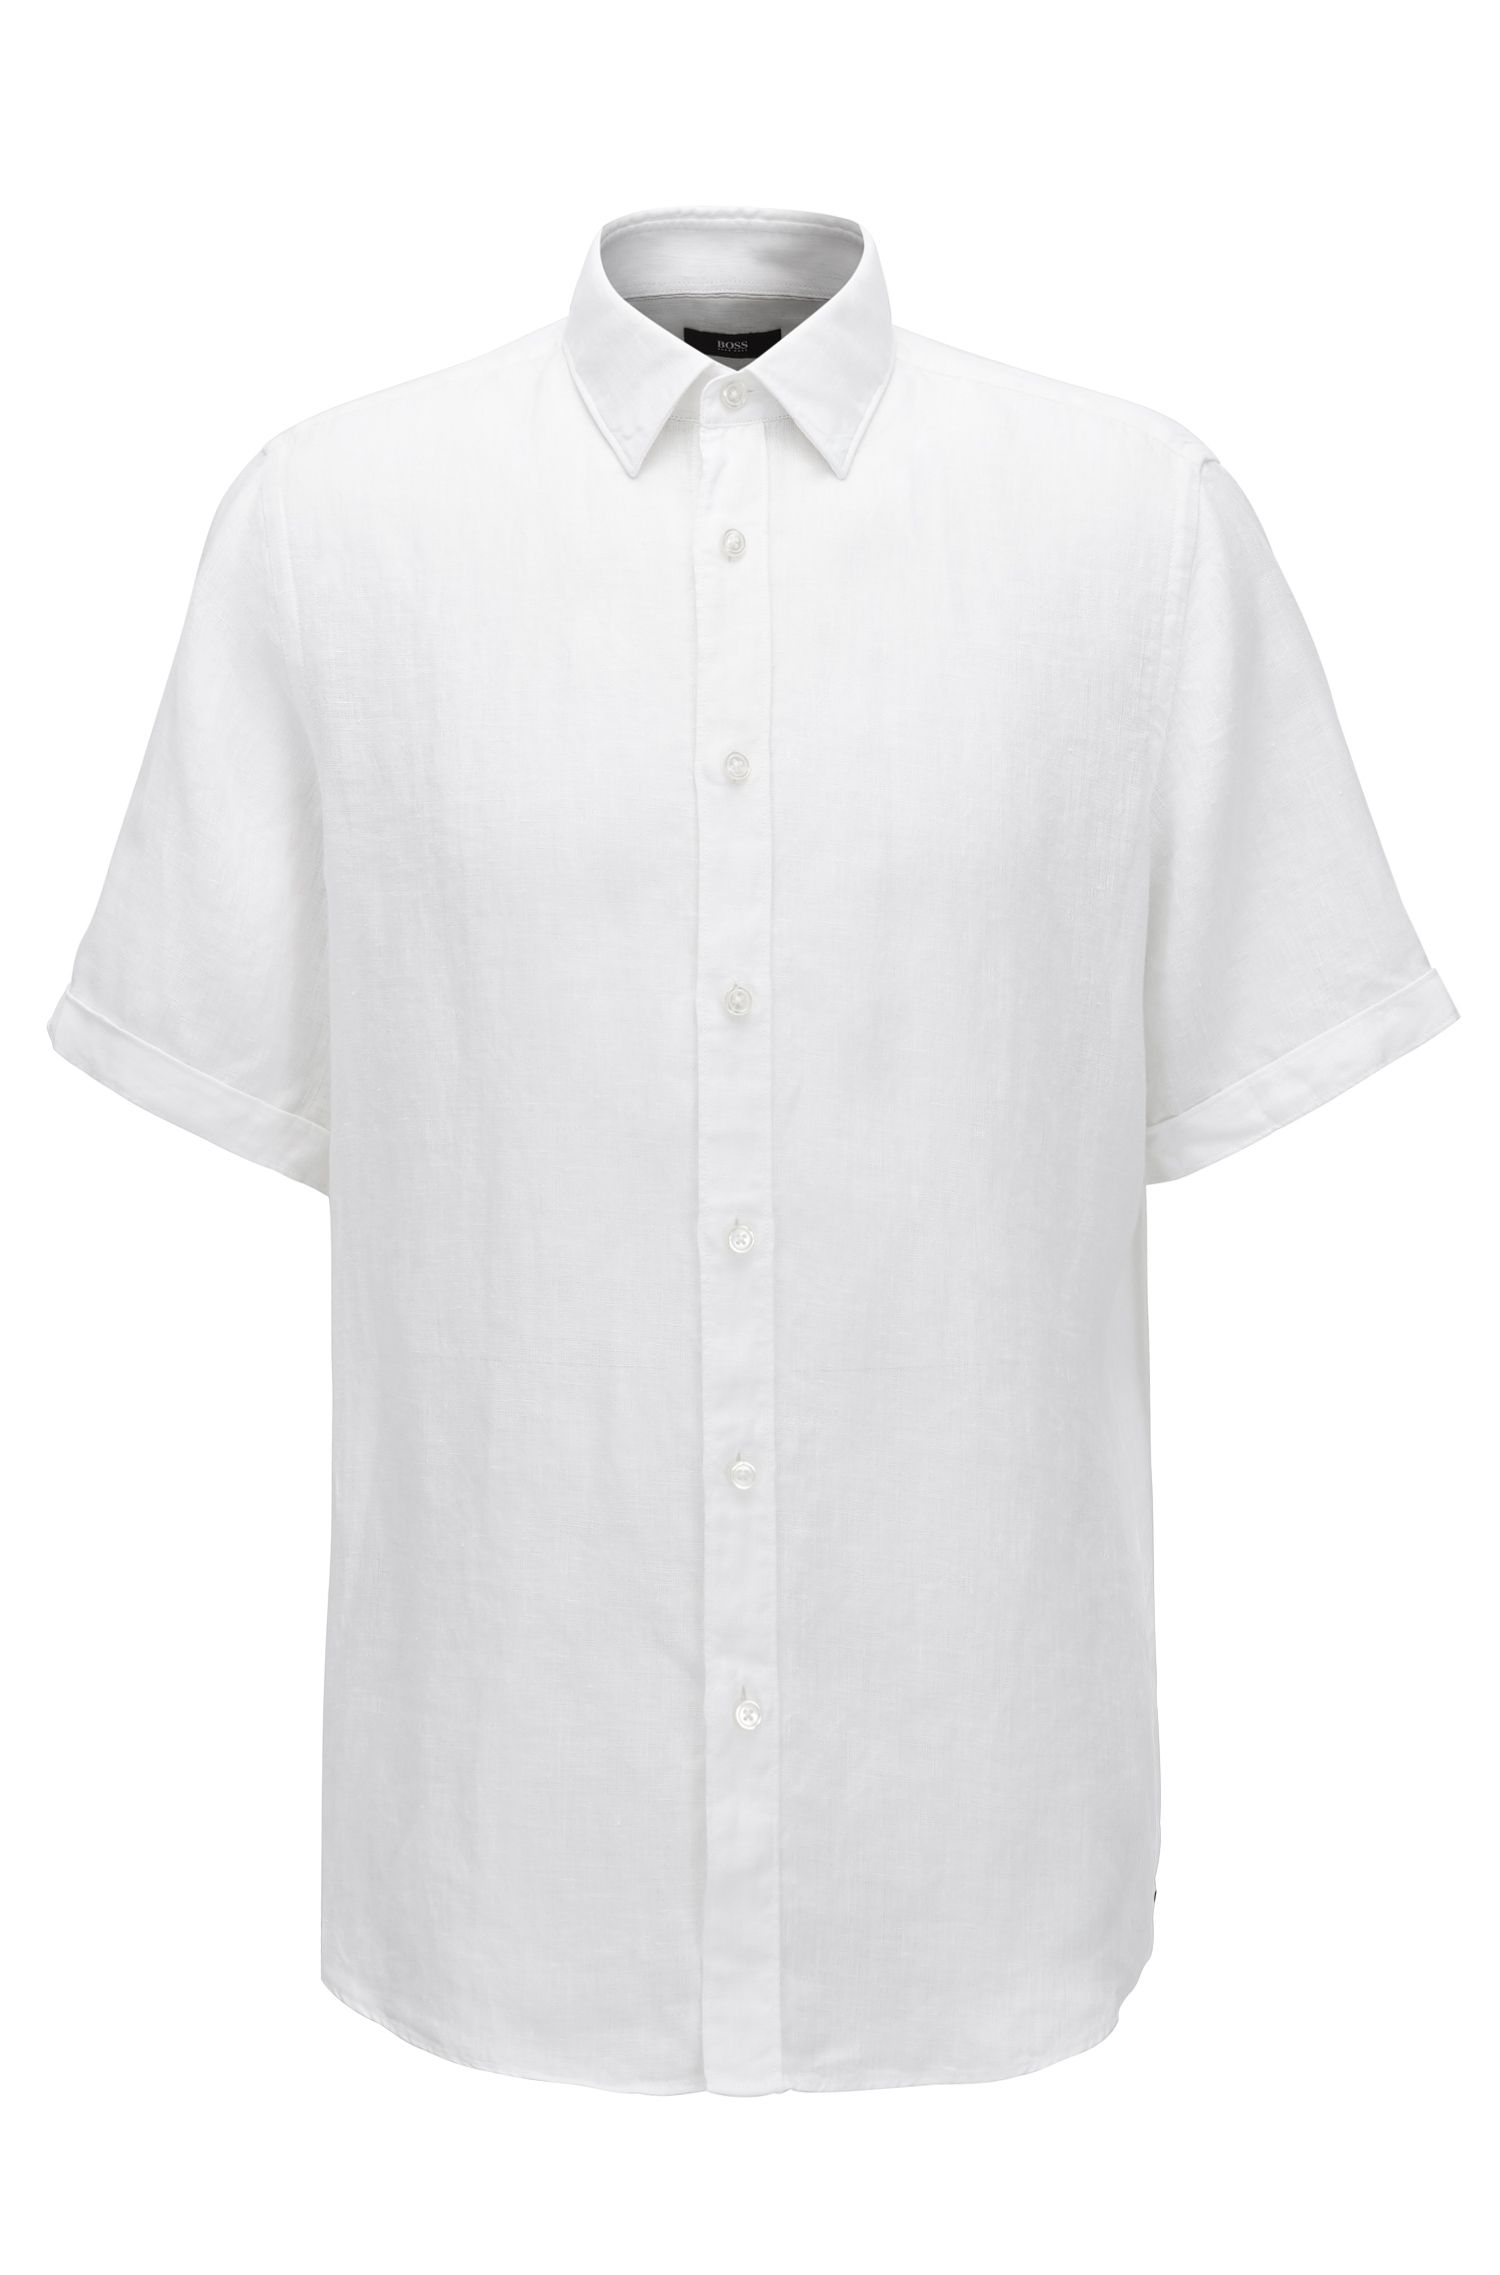 Camicia regular fit a maniche corte in lino lavato realizzato in Italia